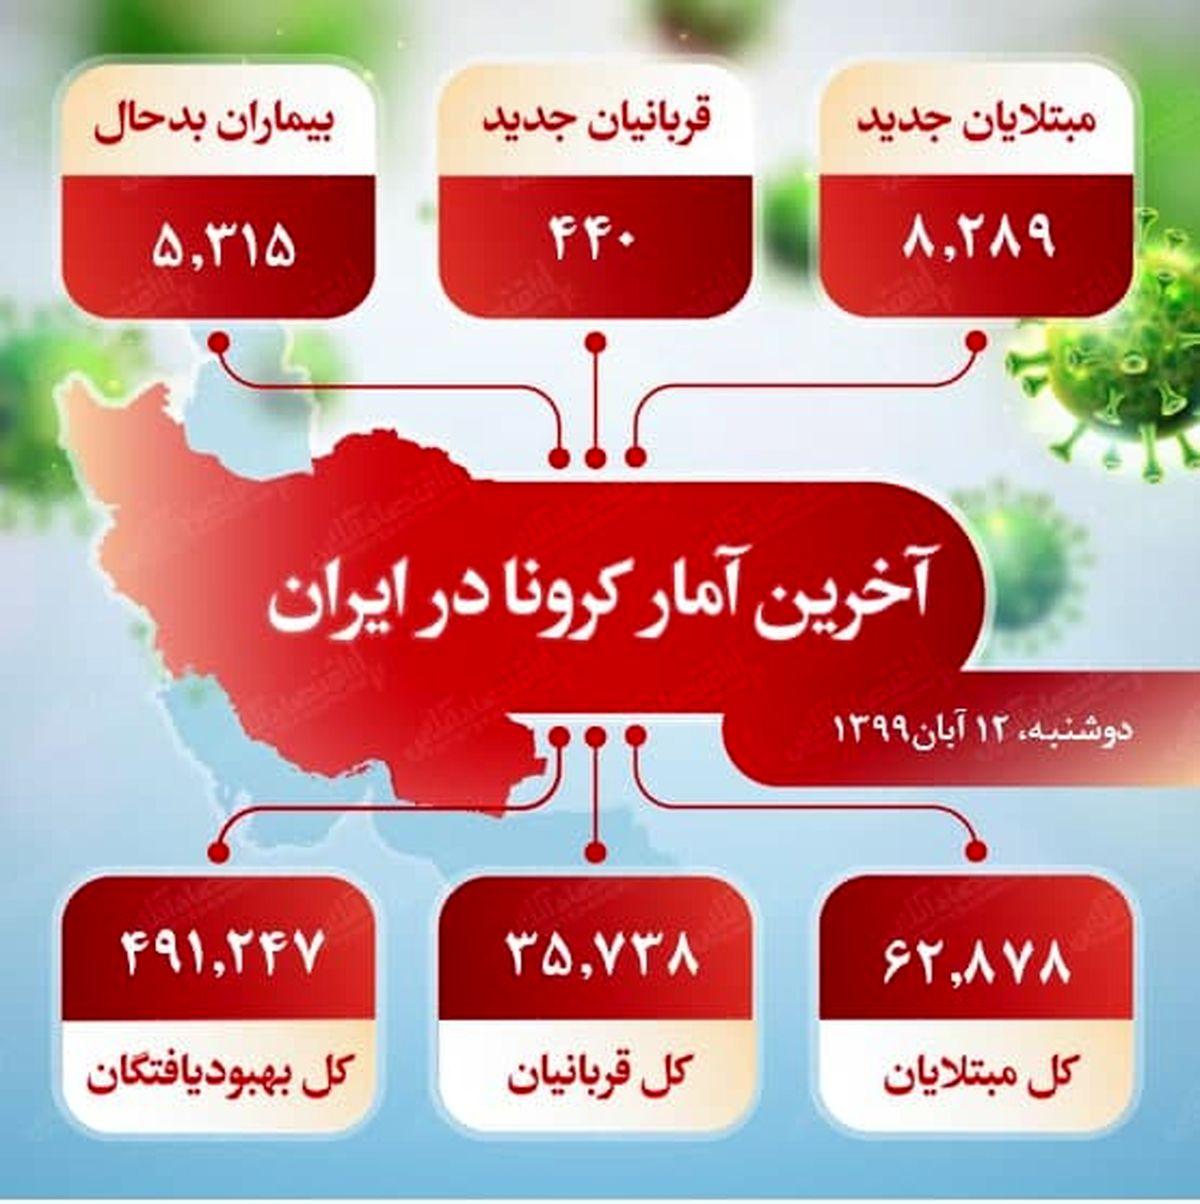 آخرین آمار کرونا در ایران (۹۹/۸/۱۲)